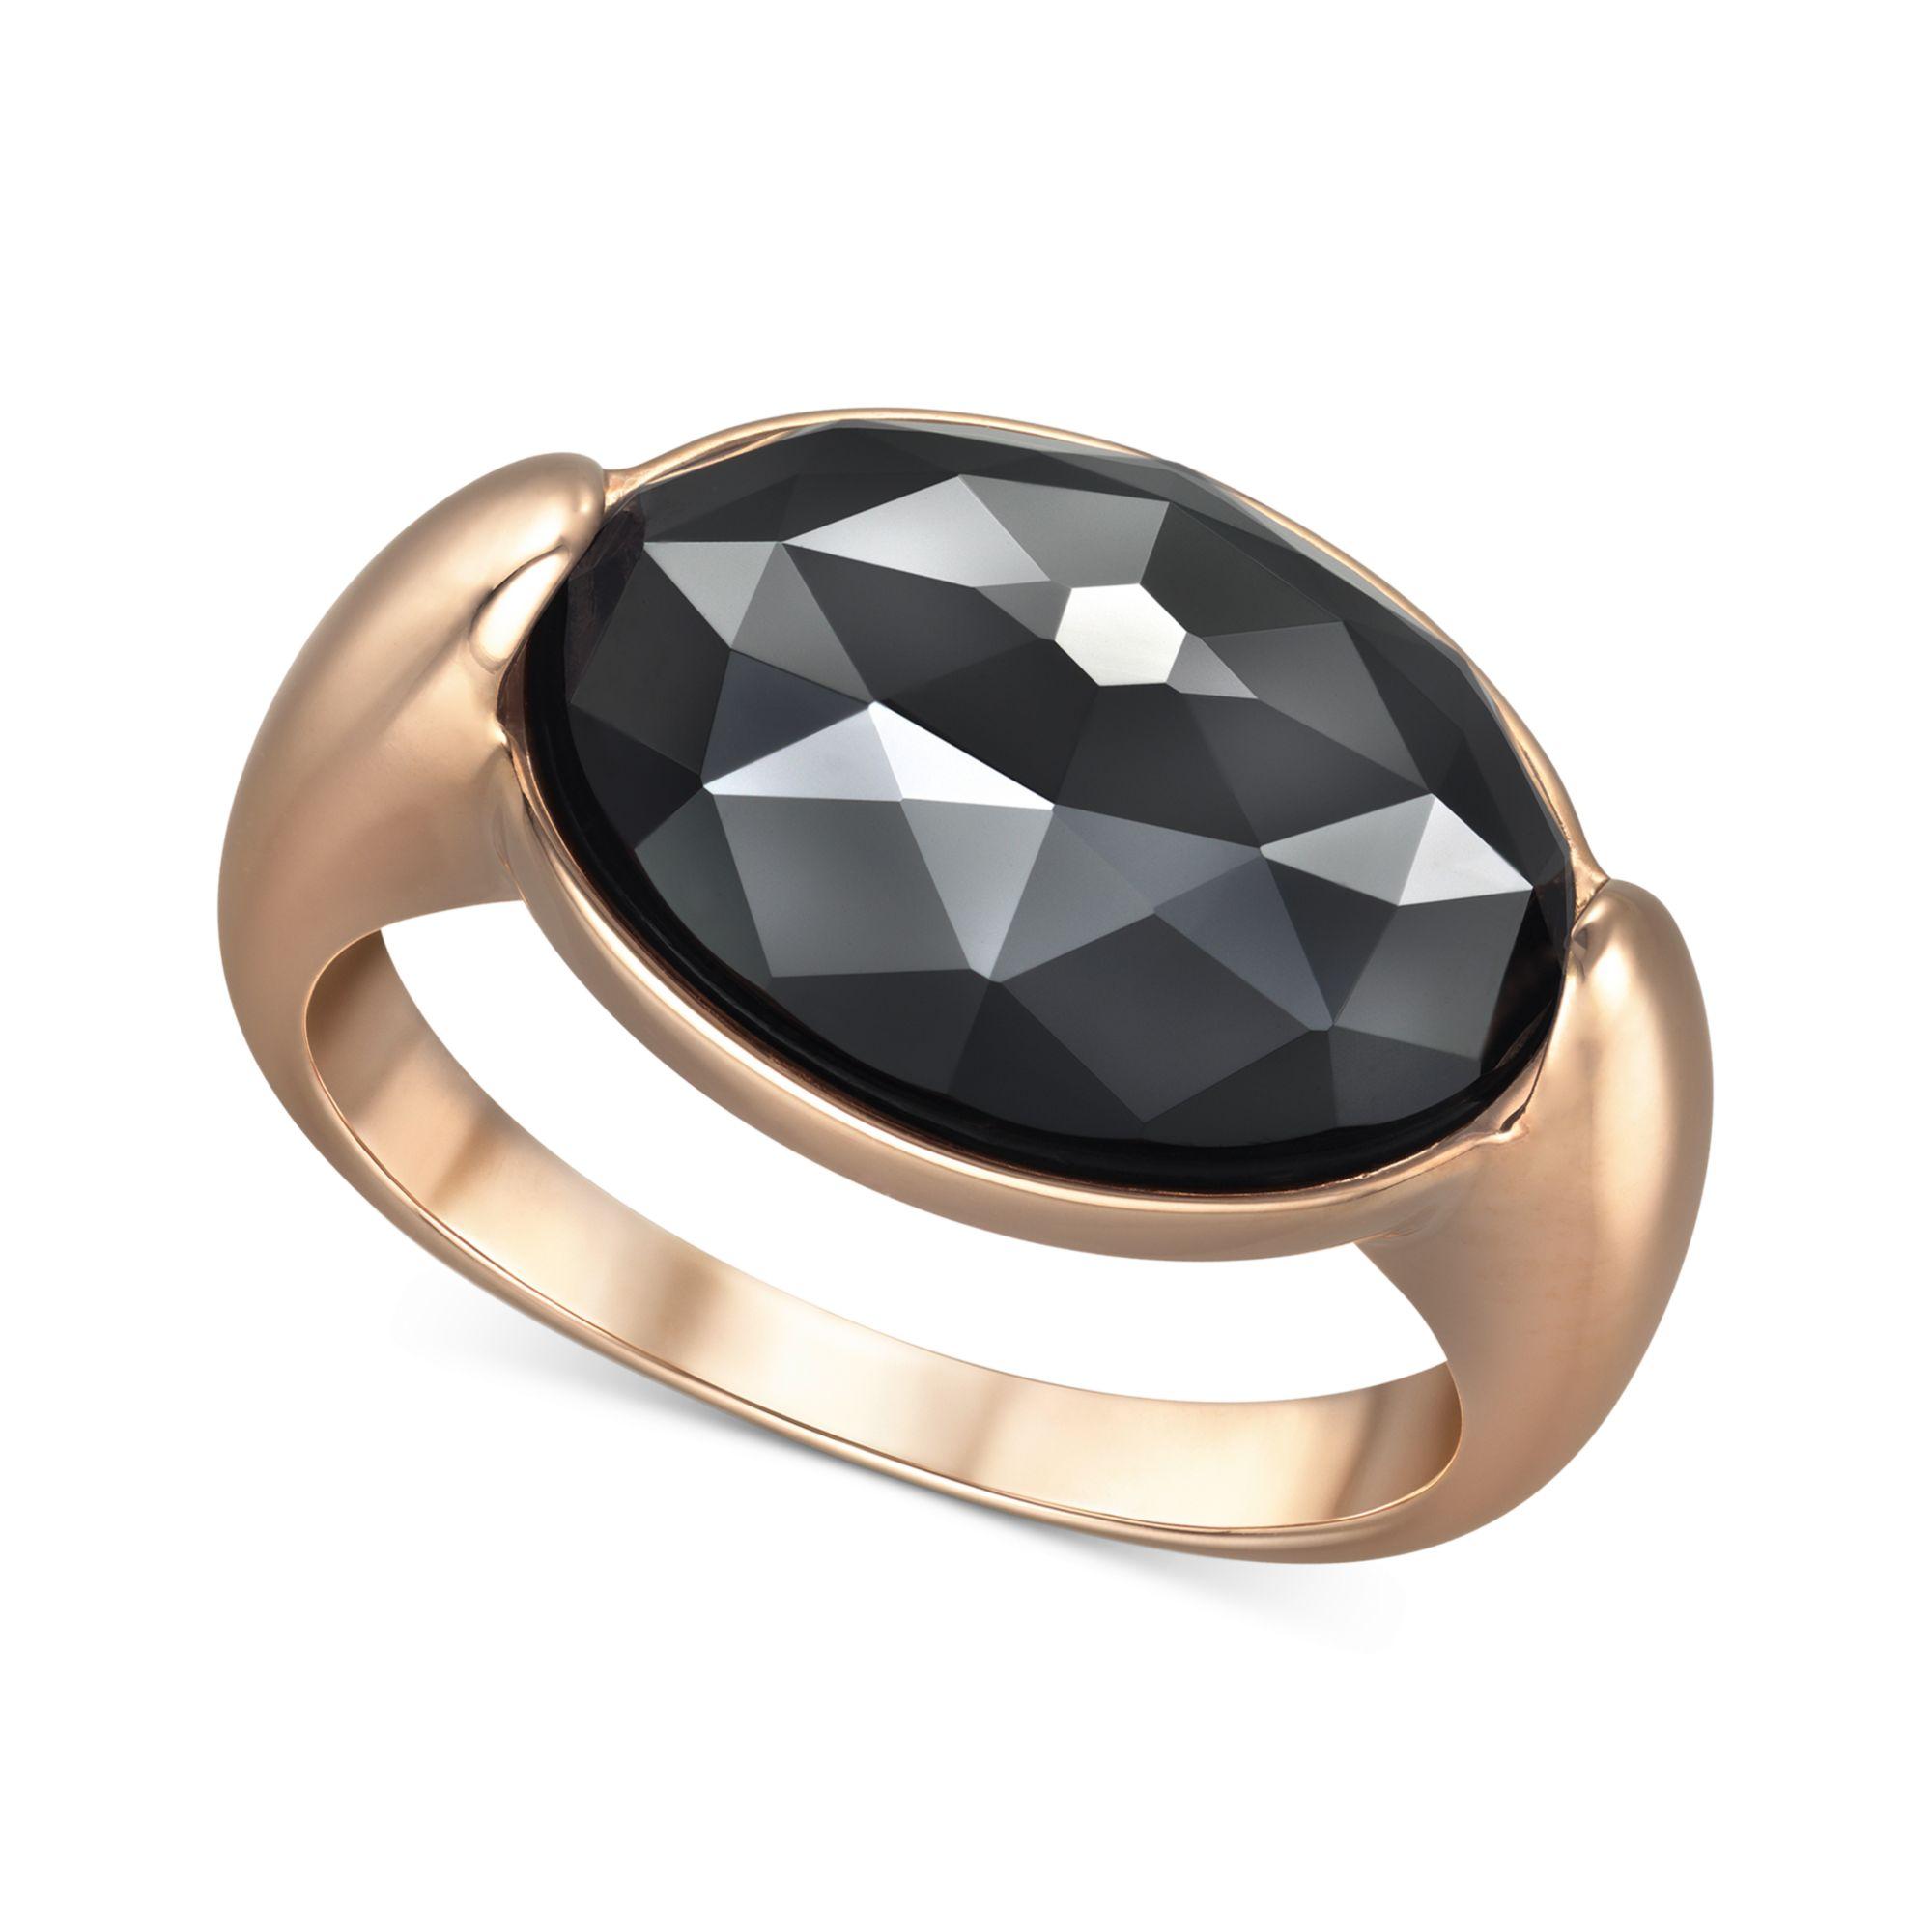 swarovski rosegold tone jet hematite oval crystal ring in. Black Bedroom Furniture Sets. Home Design Ideas